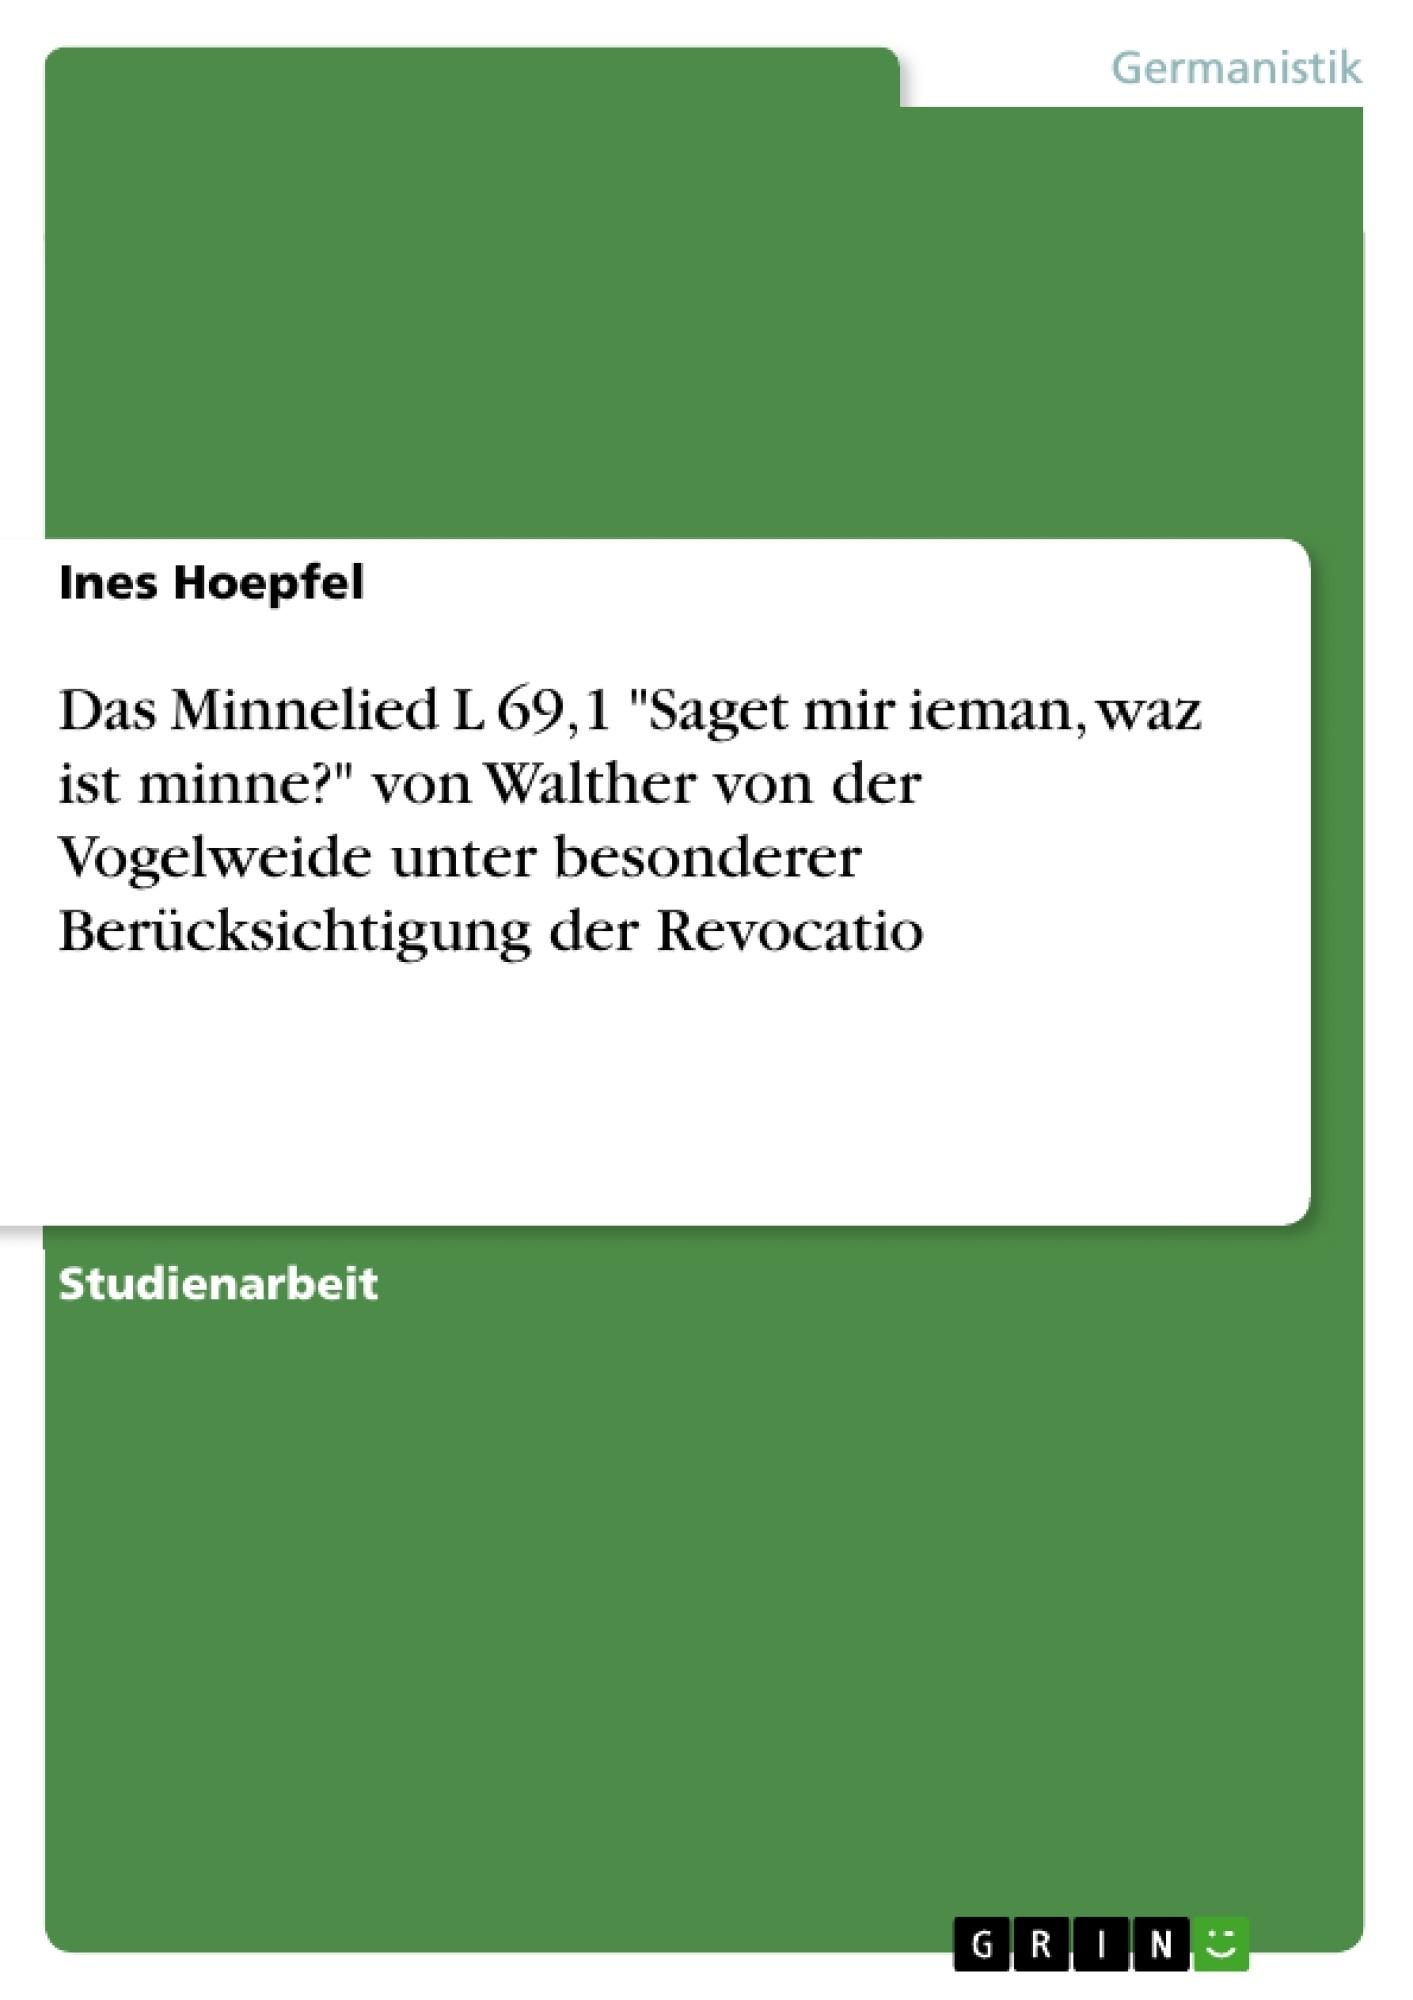 """Titel: Das Minnelied L 69,1 """"Saget mir ieman, waz ist minne?"""" von Walther von der Vogelweide unter besonderer Berücksichtigung der Revocatio"""